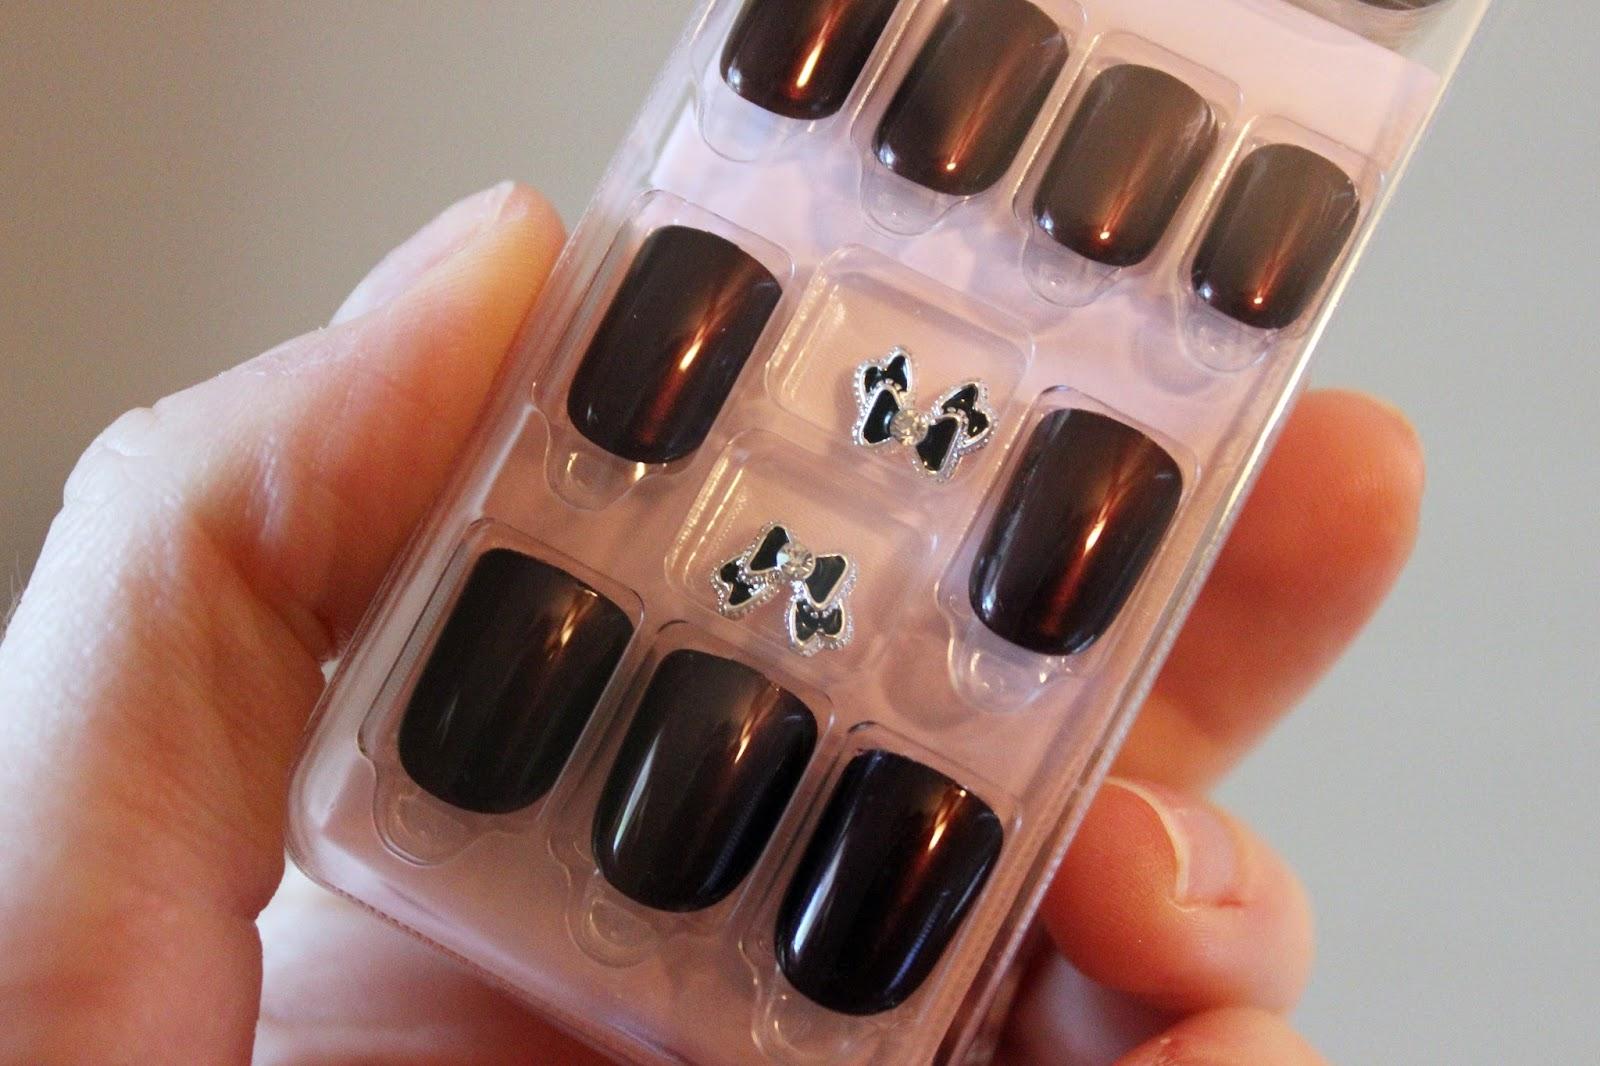 Glazed Over Beauty: imPRESS Press On Manicures